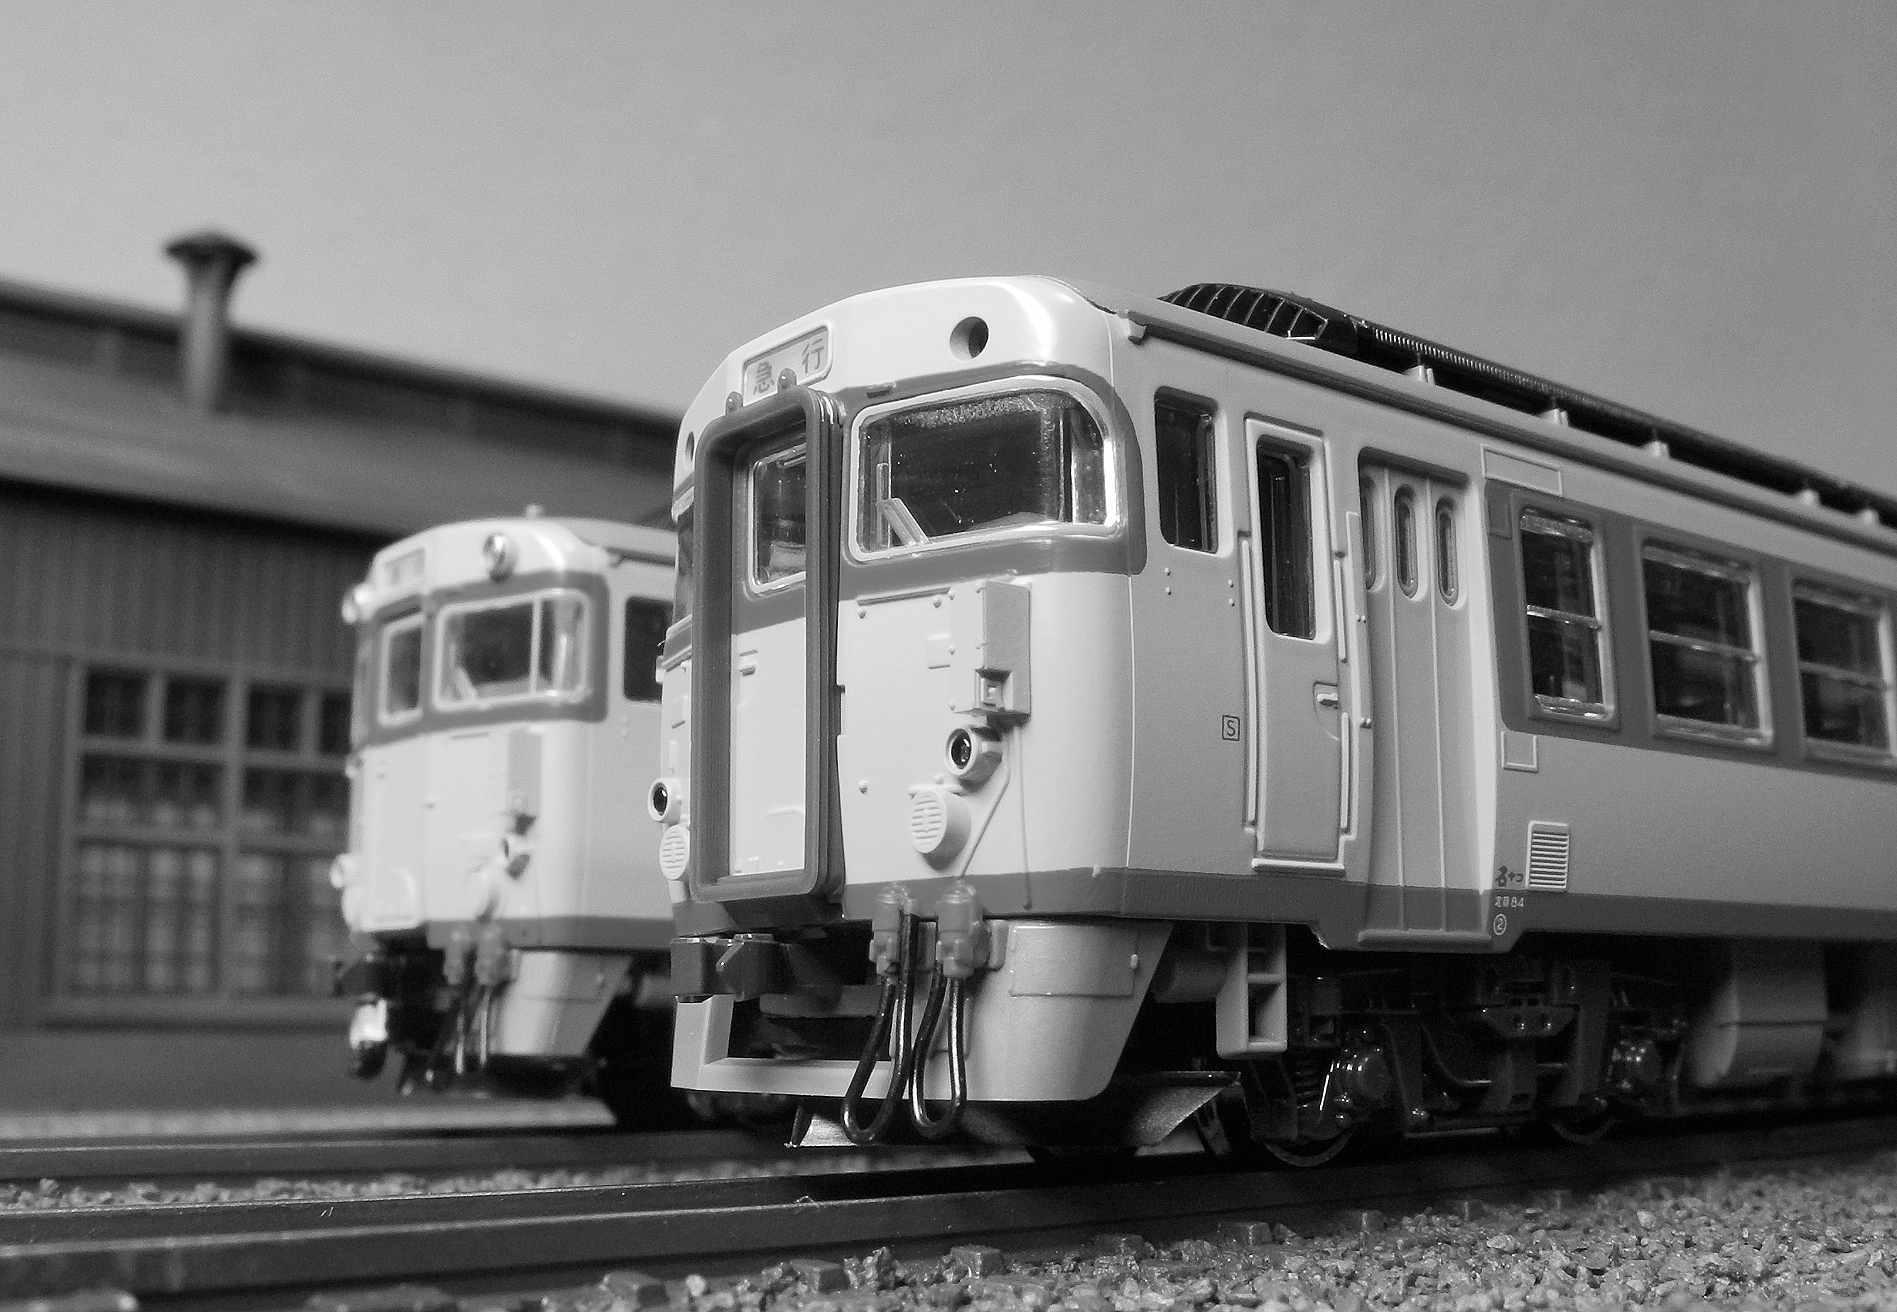 DSCN8783-2.jpg